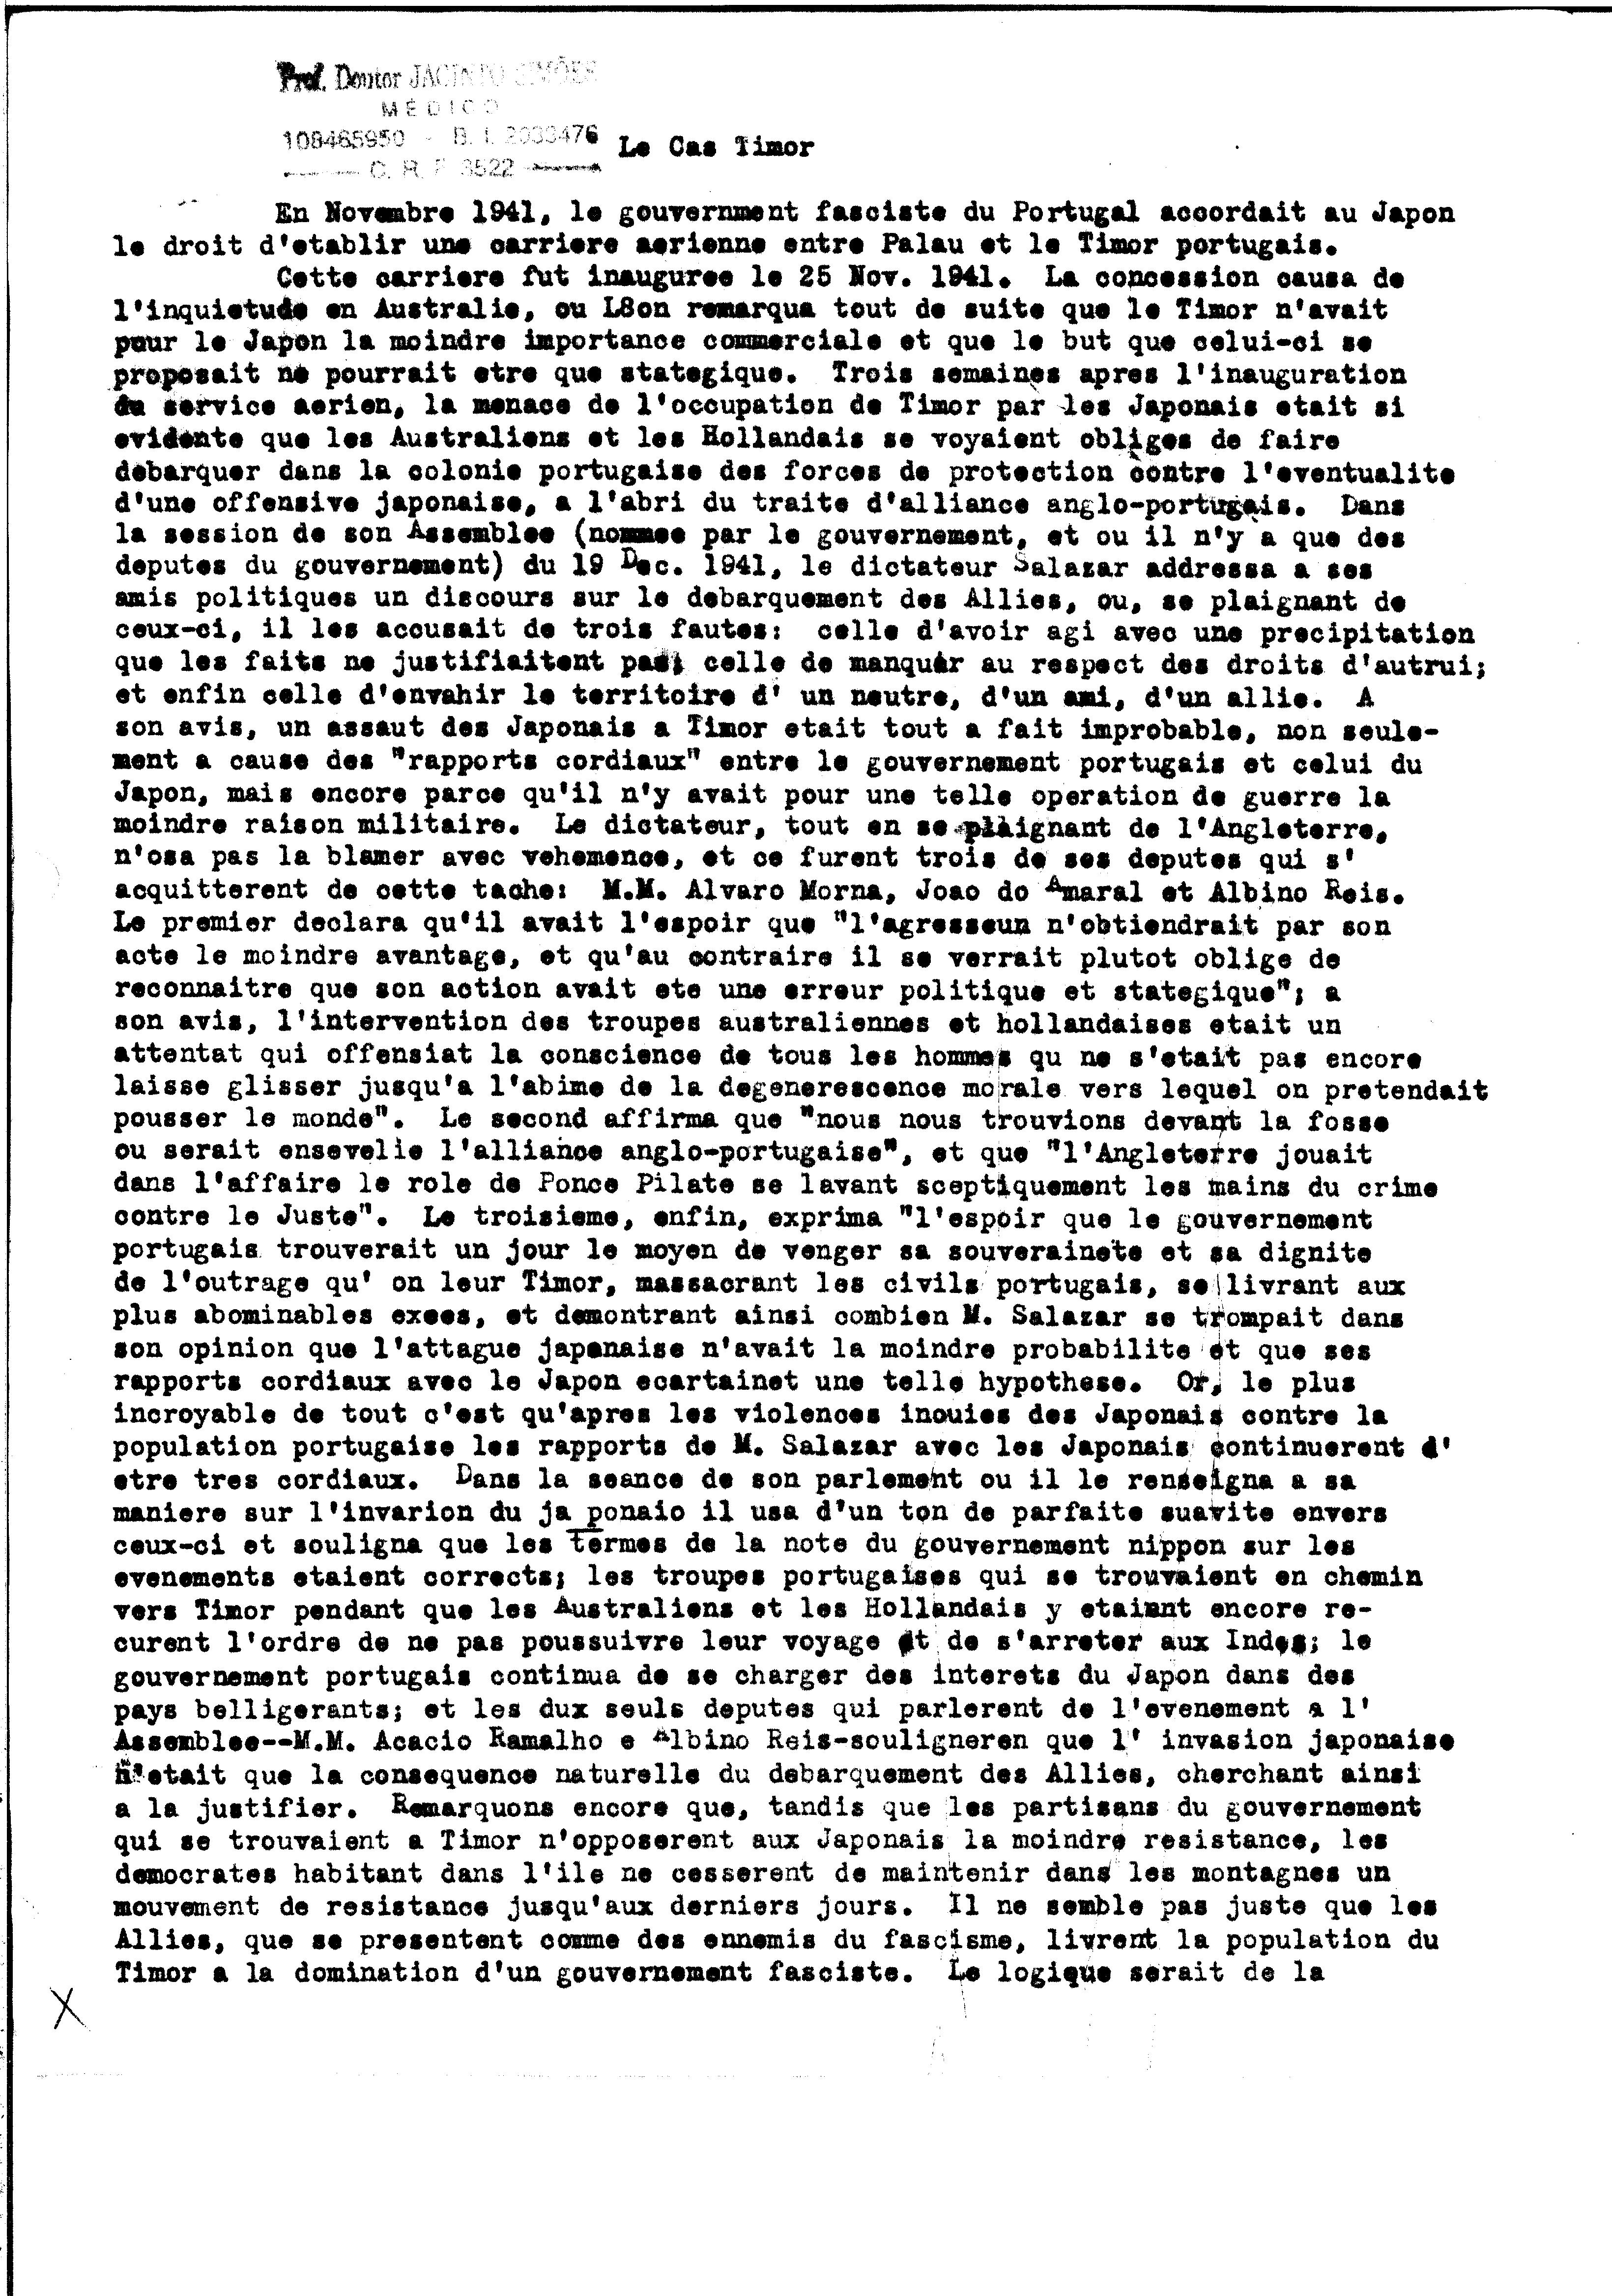 02967.007- pag.1